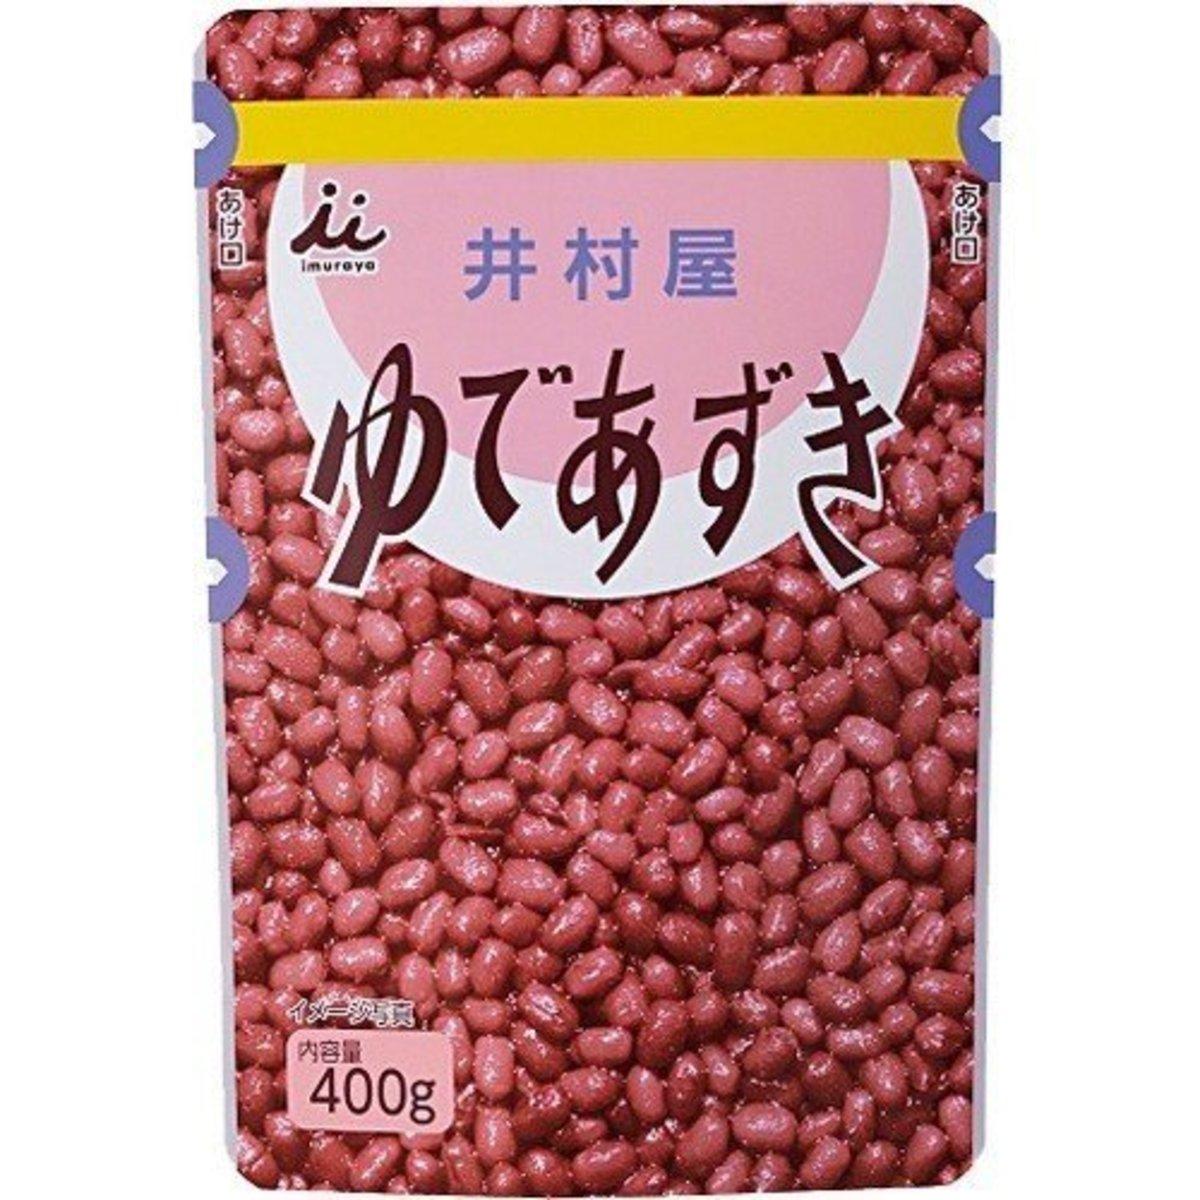 100%北海道 袋裝速食粒粒紅豆蓉 紅豆餡 日式紅豆年糕湯  400g